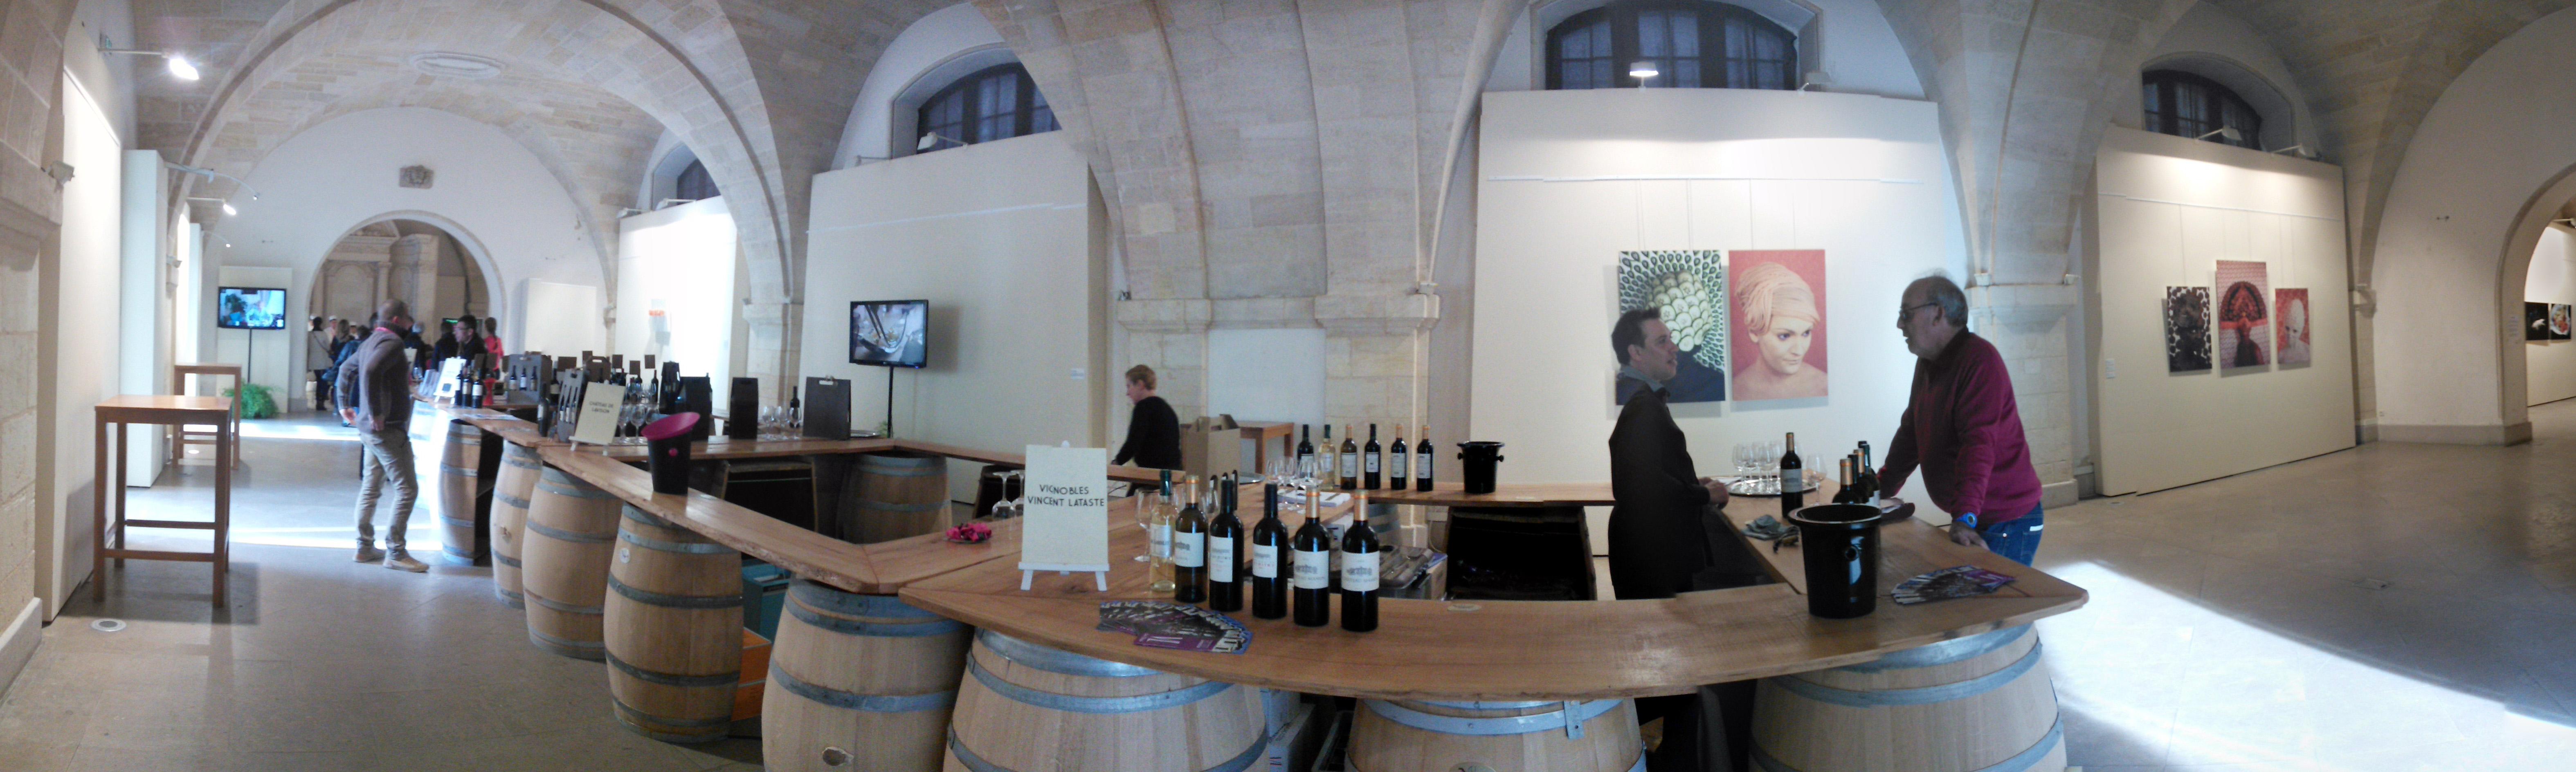 Exposition Cour Mably pour le festival de gastronomie et art de vivre Bordeaux SO Good